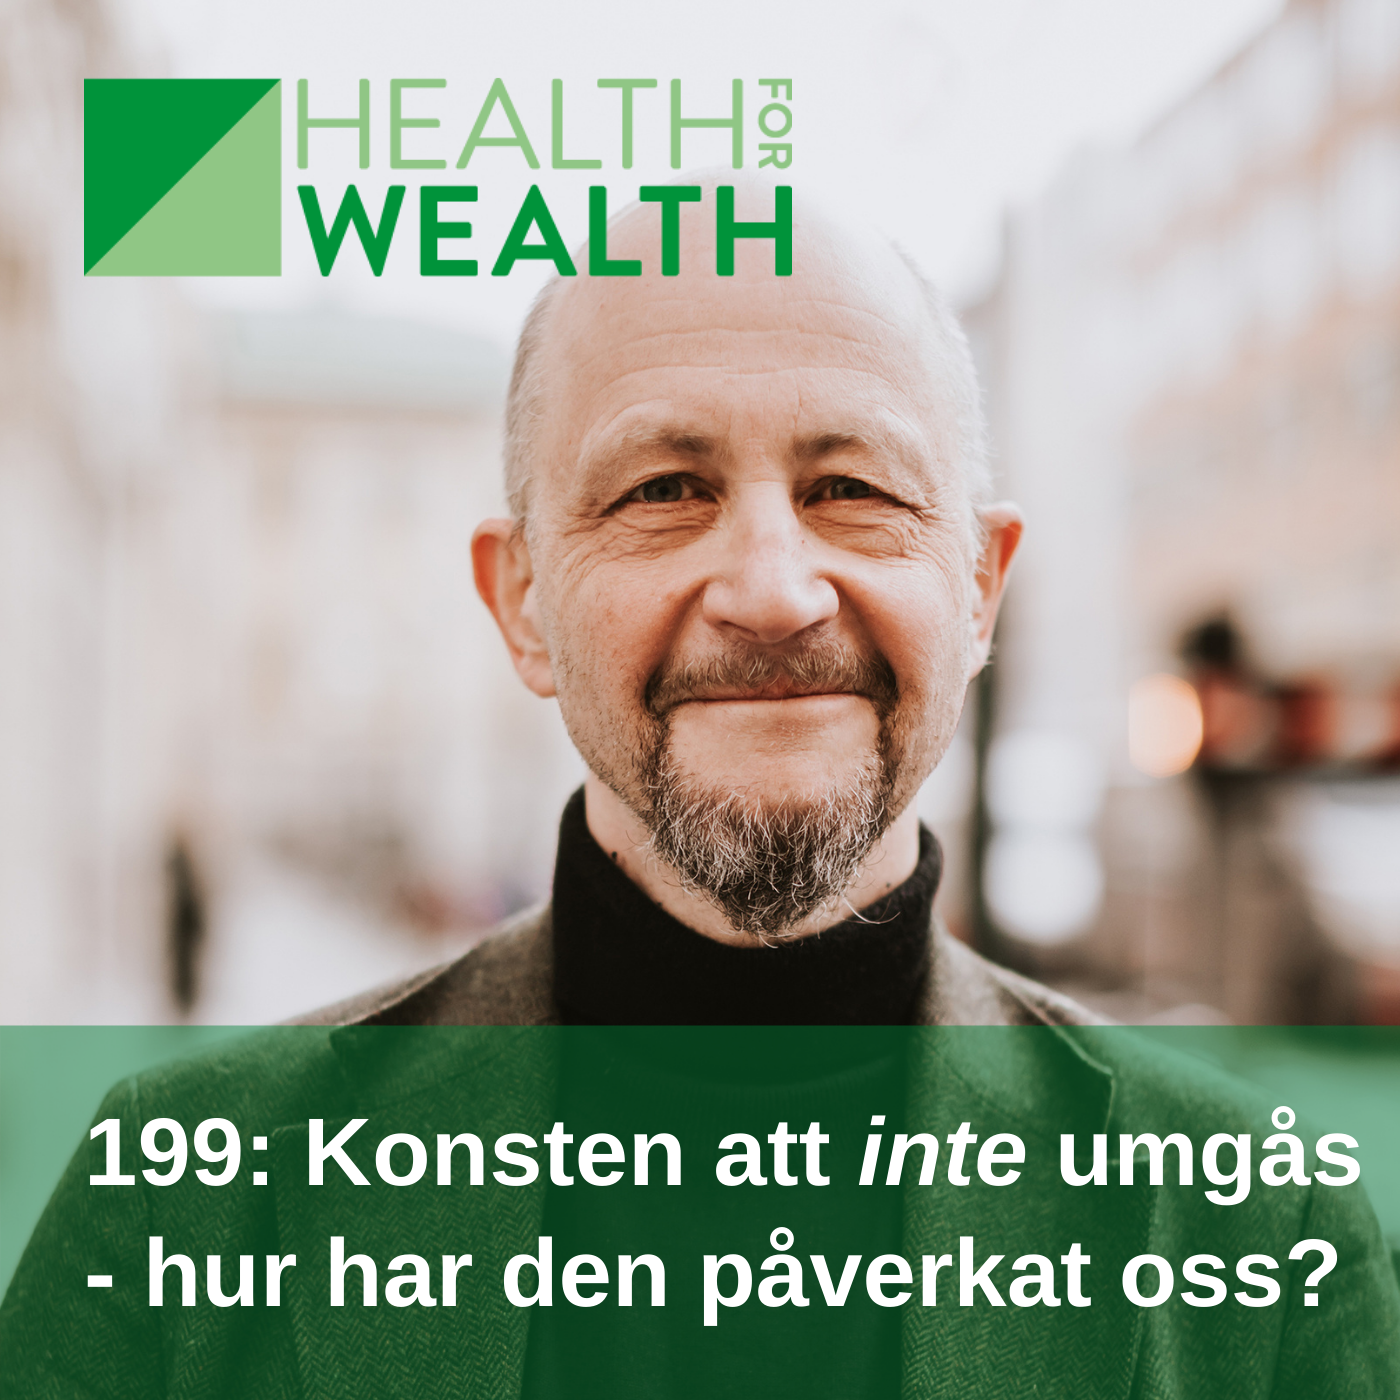 199: Konsten att inte umgås - hur har den påverkat oss?